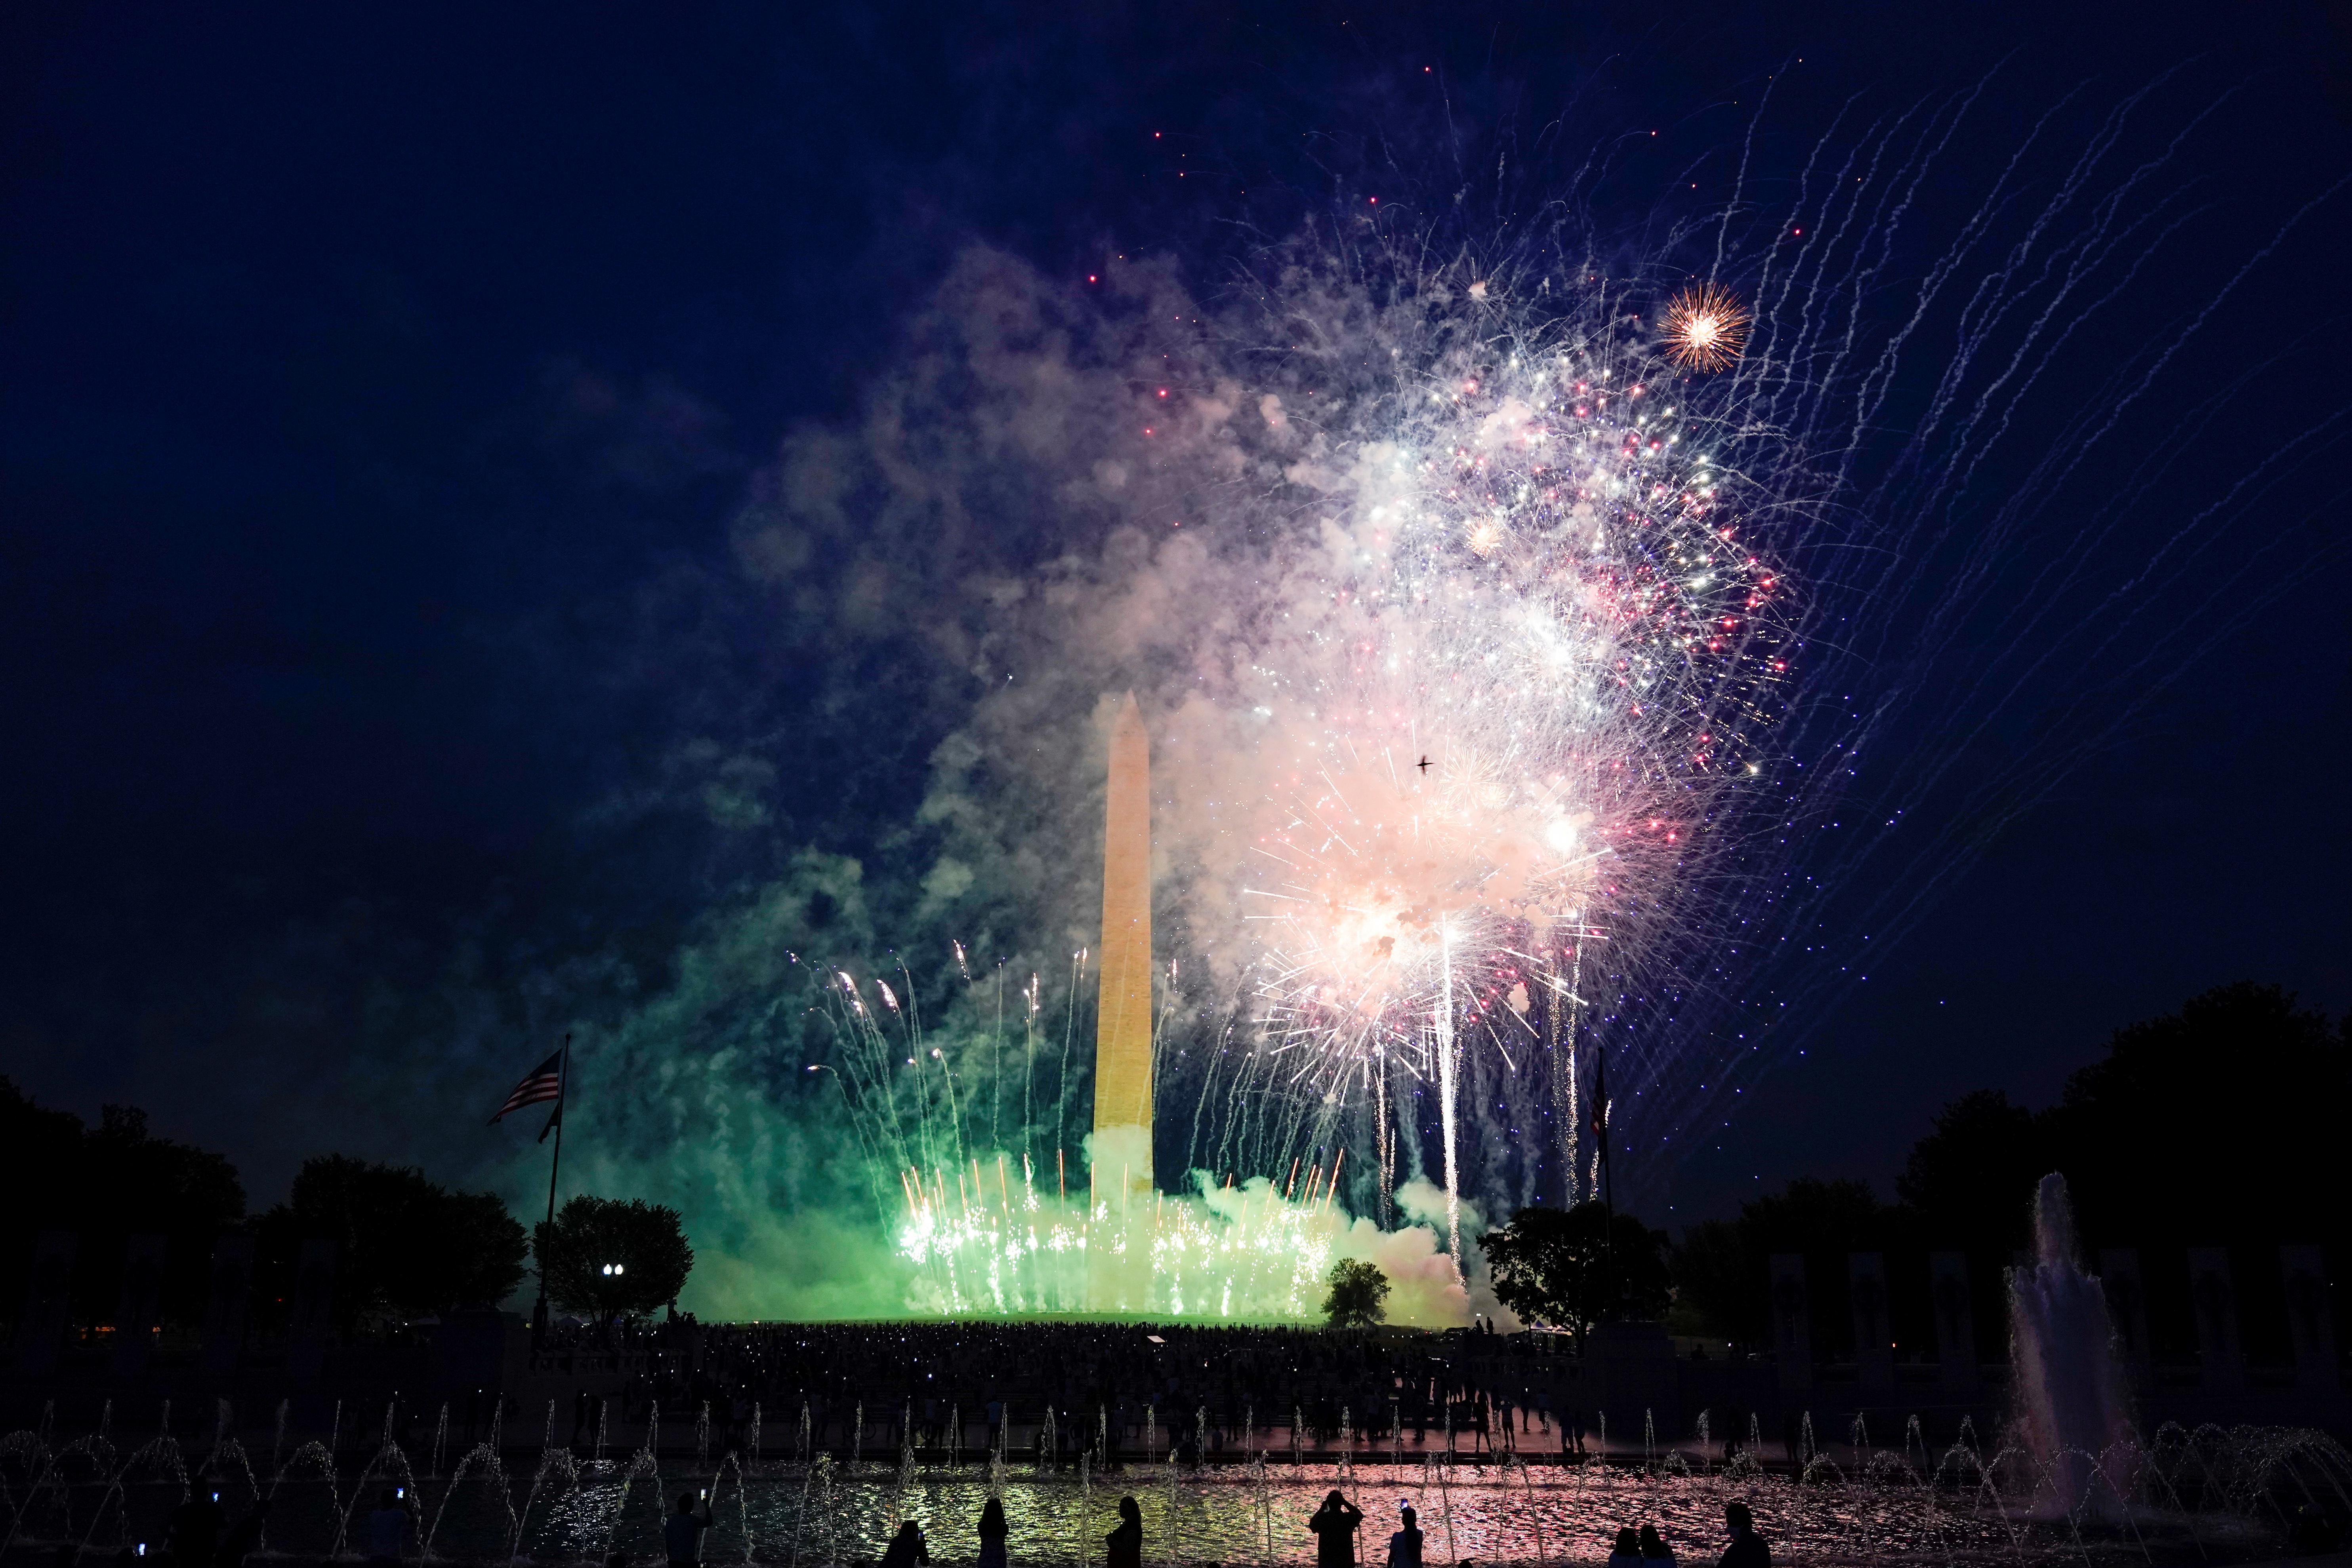 La celebración del 4 de julio en Washington